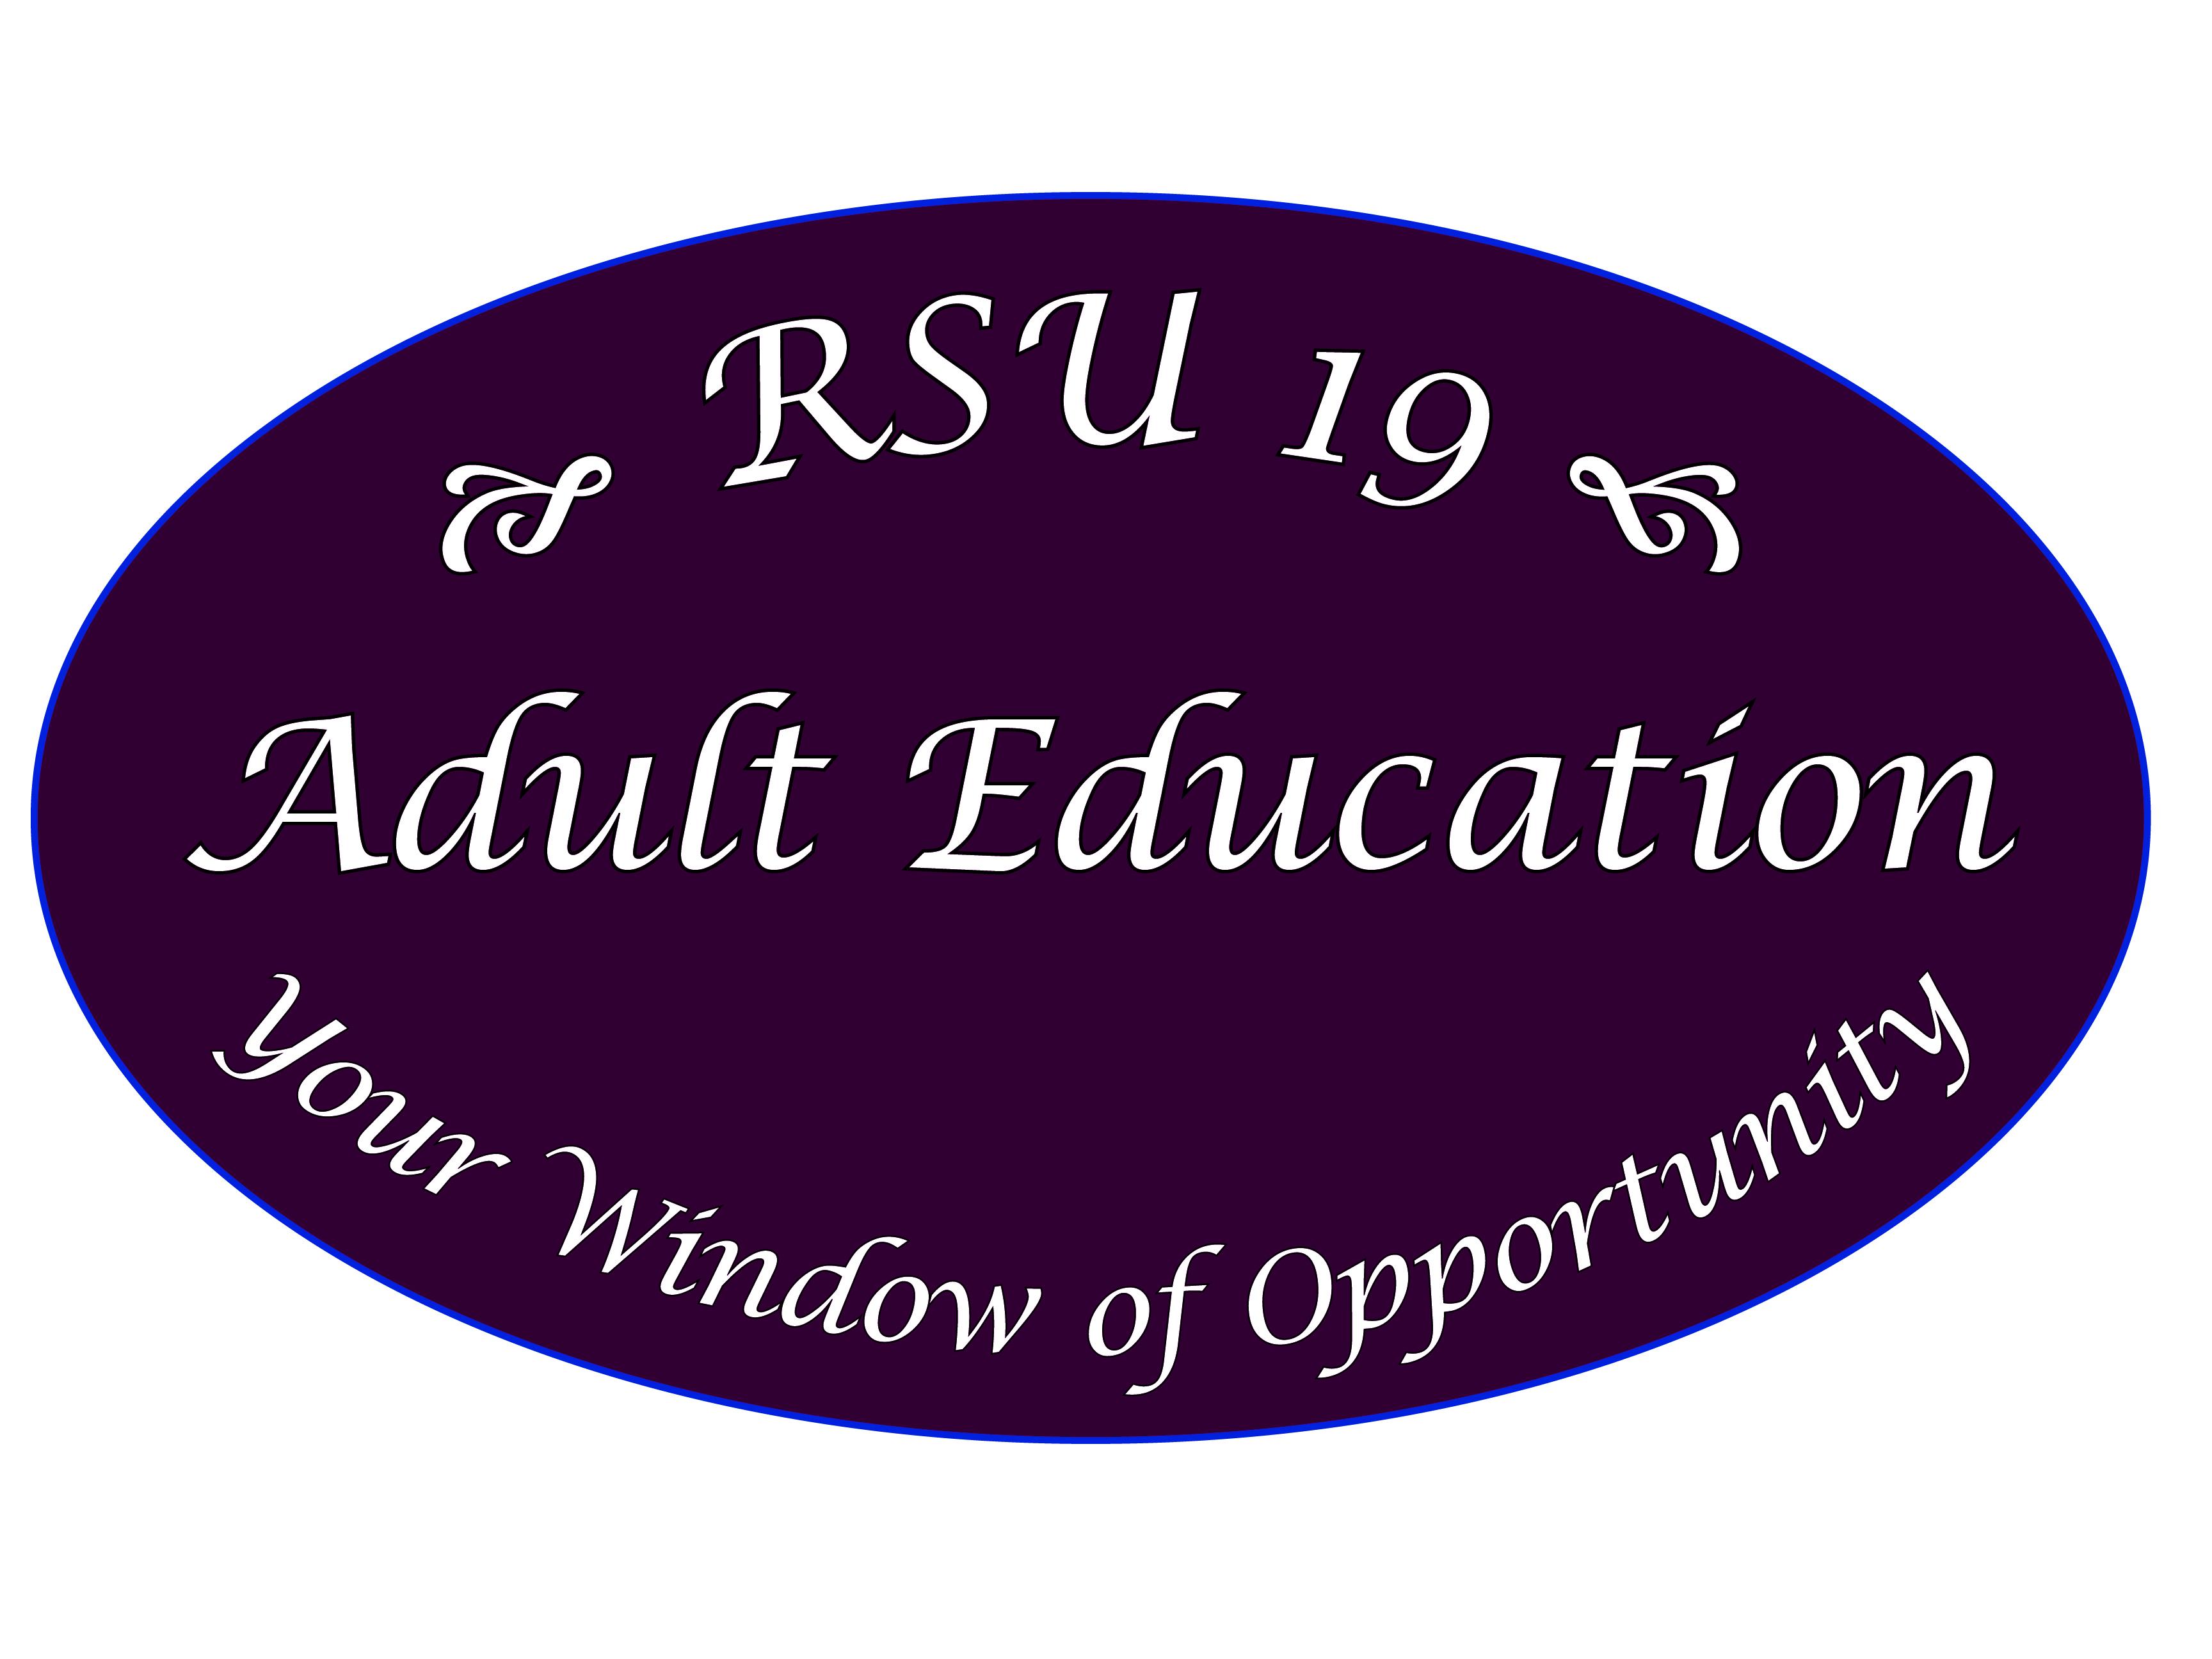 RSU19 Adult Education image #202